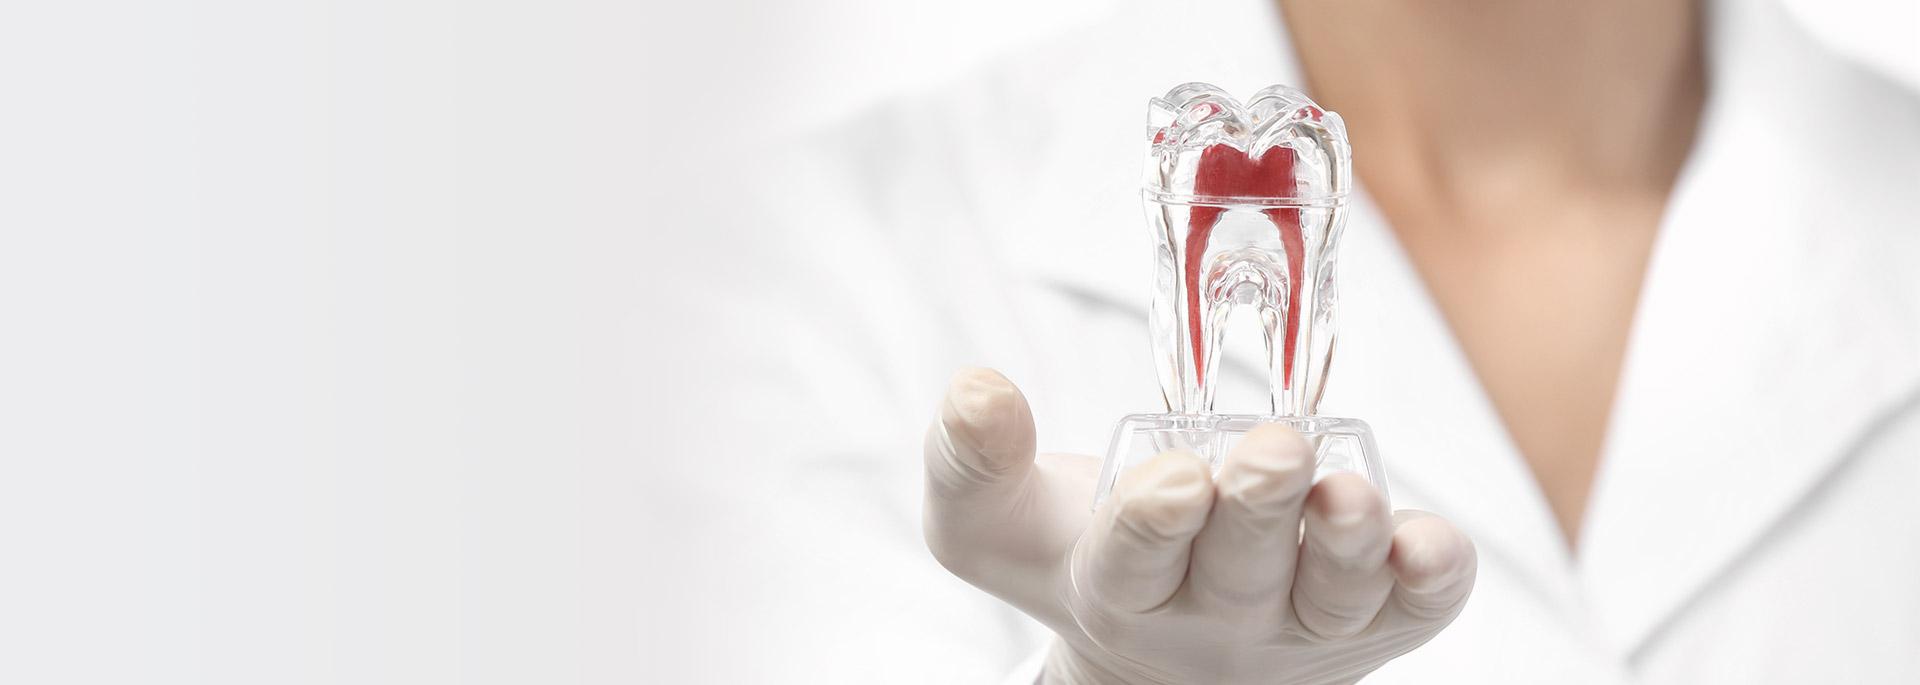 Urgence dentaire - header